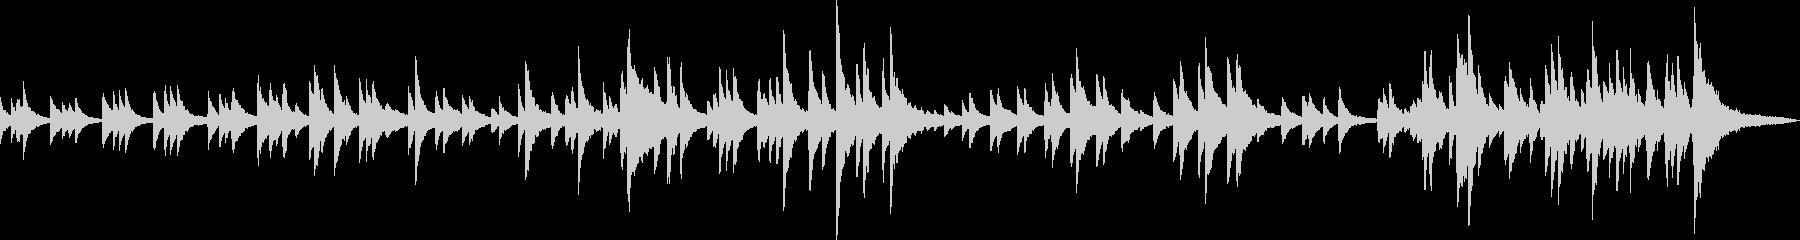 感動的なピアノバラード(優しい・別れ)の未再生の波形